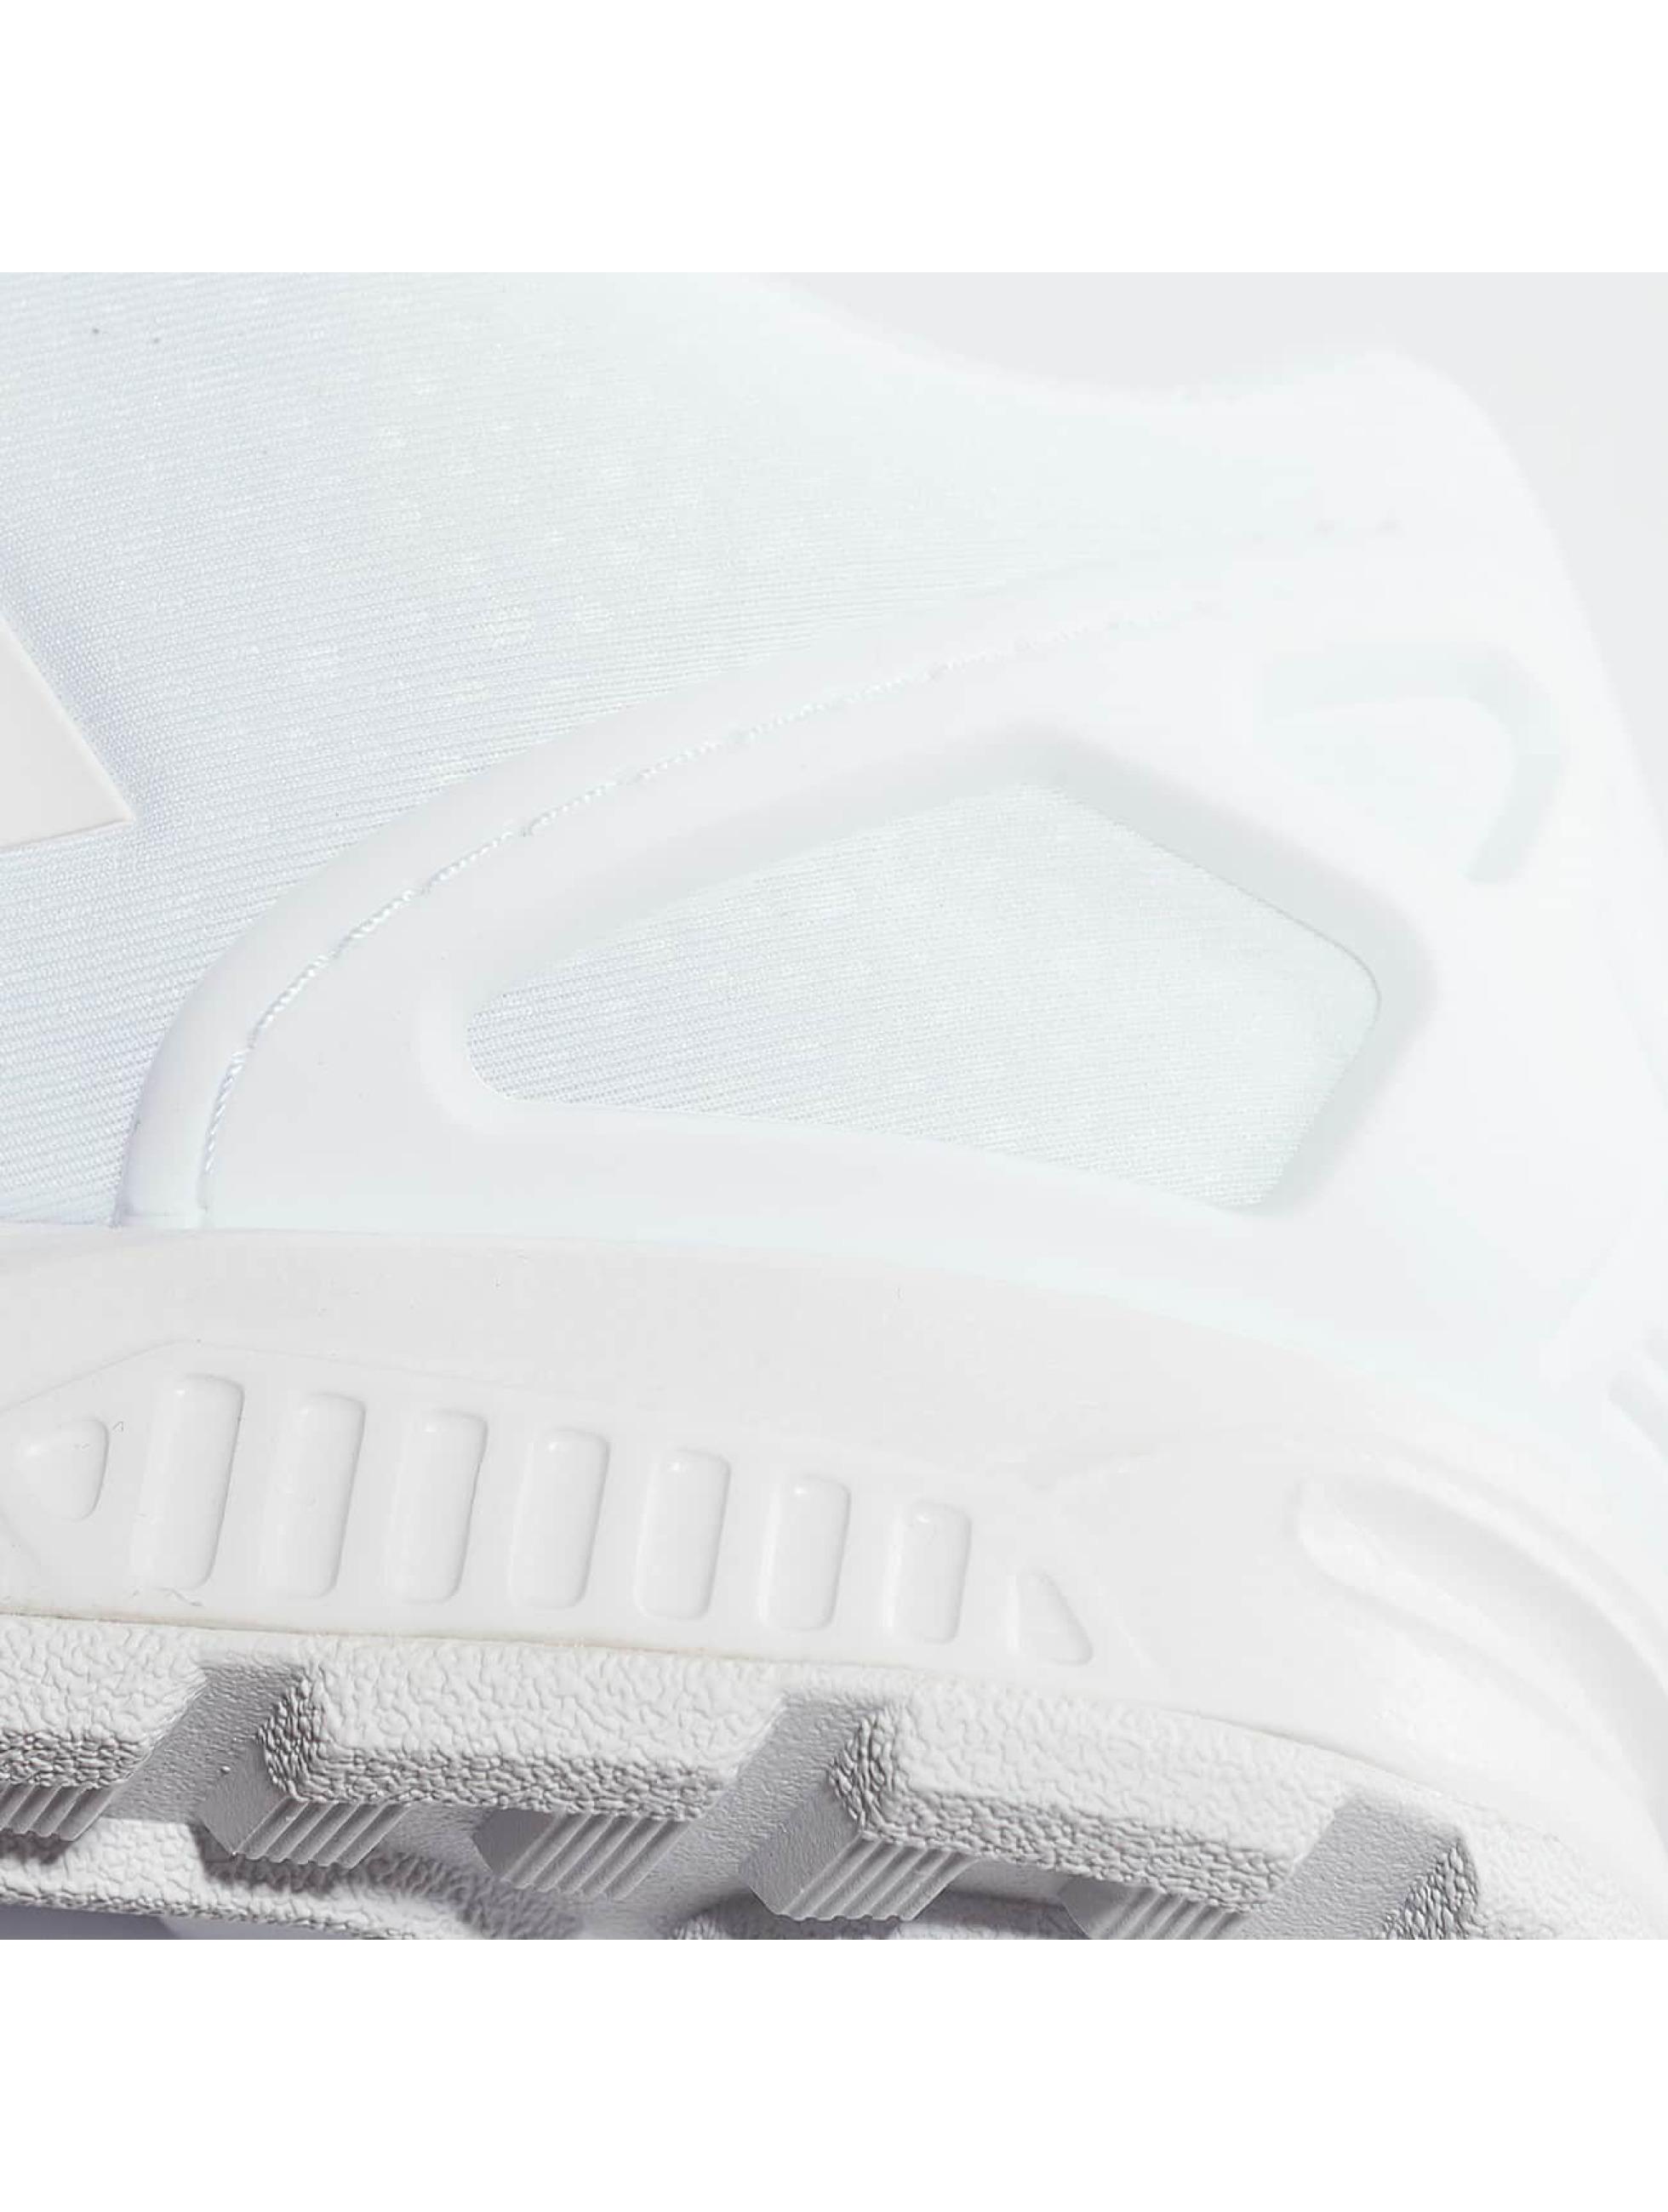 adidas Tøysko ZX Flux W hvit